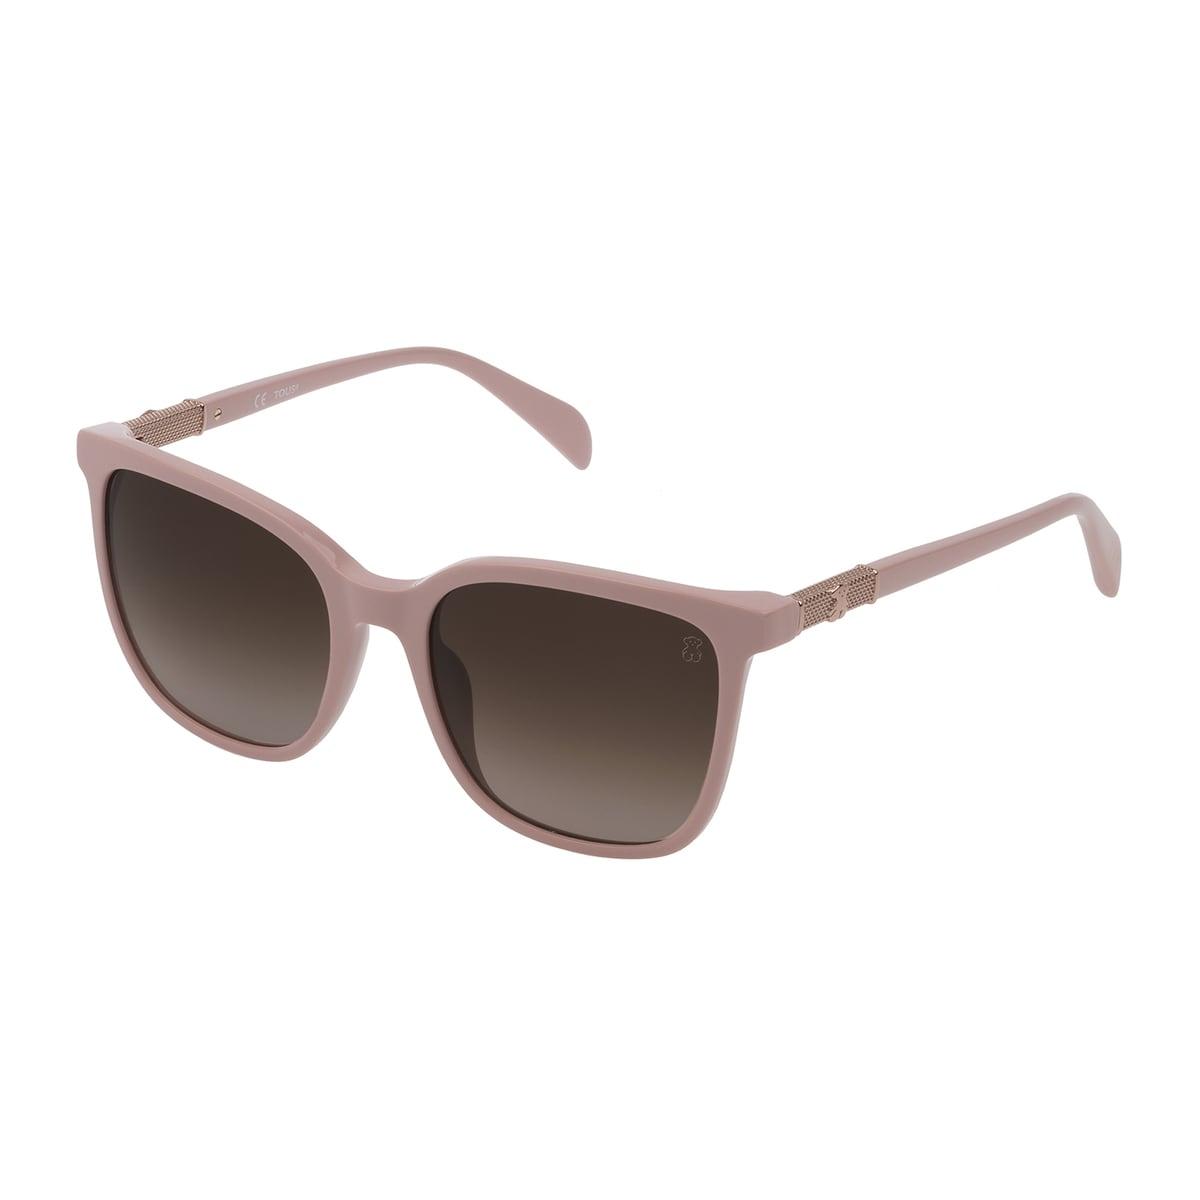 Γυαλιά Ηλίου Mesh από Ροζ Acetate